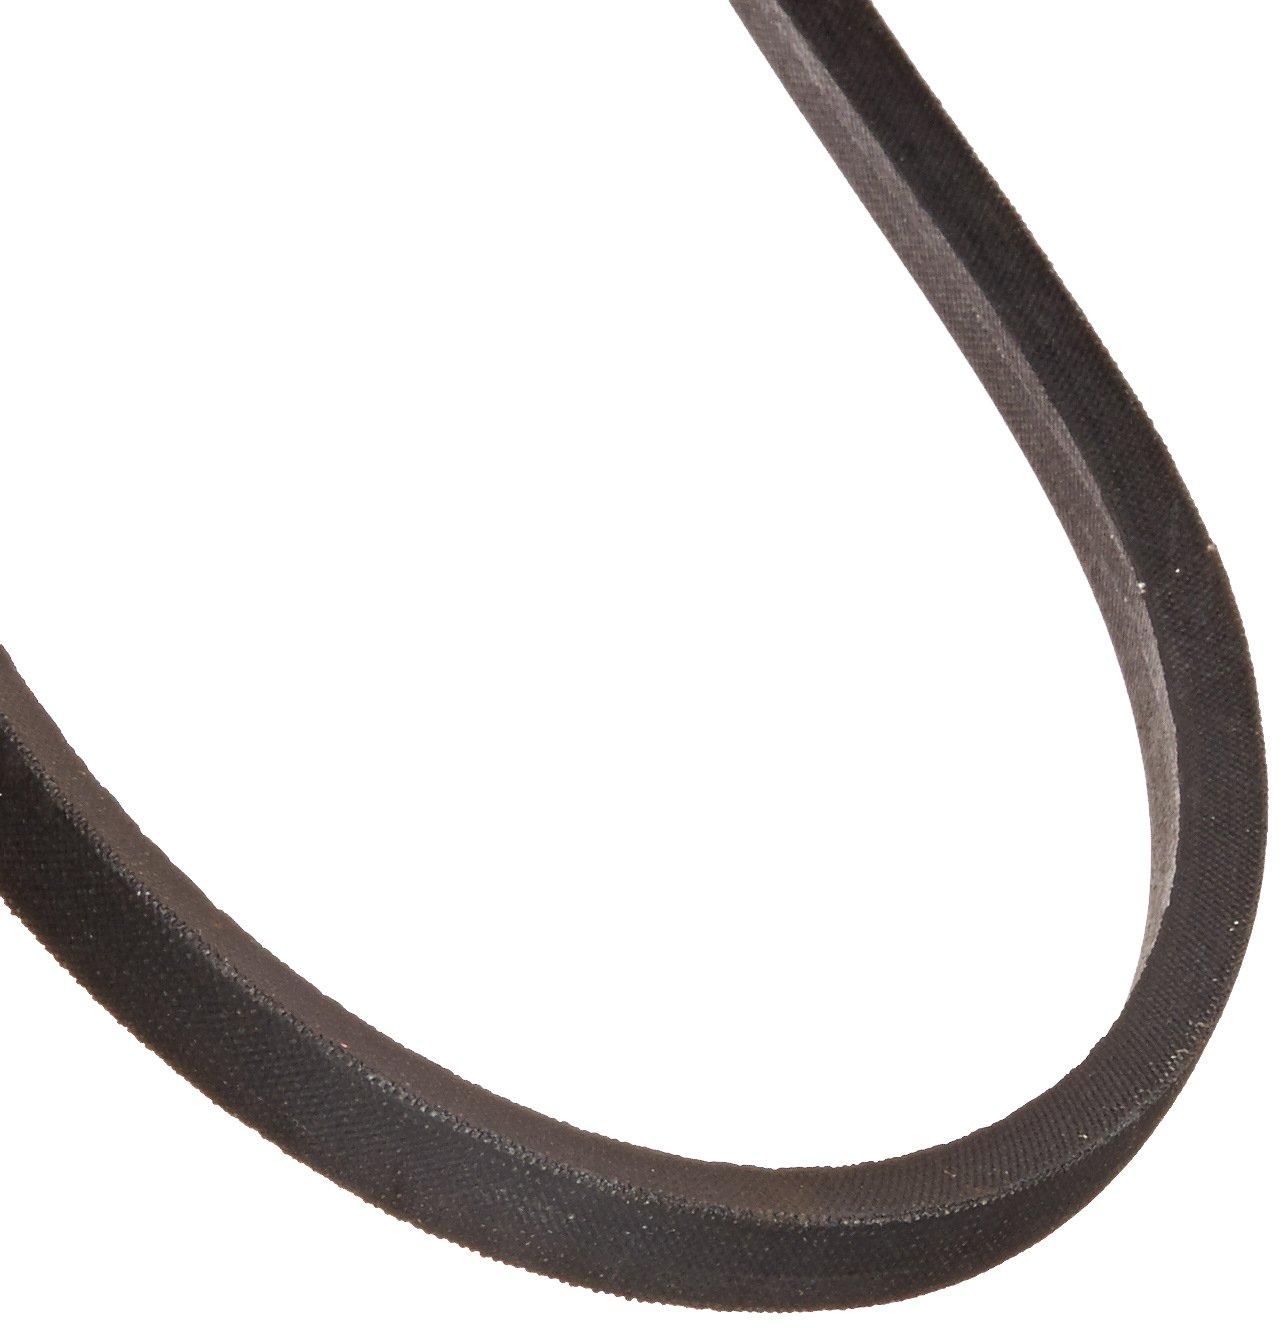 Sechskantschrauben M7 x 25 Stahl 8.8 DIN 933 200 Stk